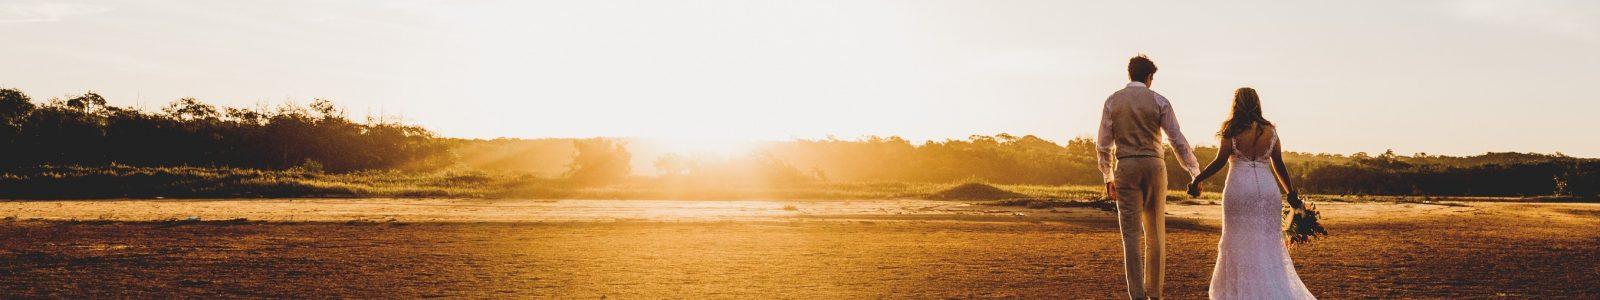 Nachhaltig heiraten – deinen Weg finden